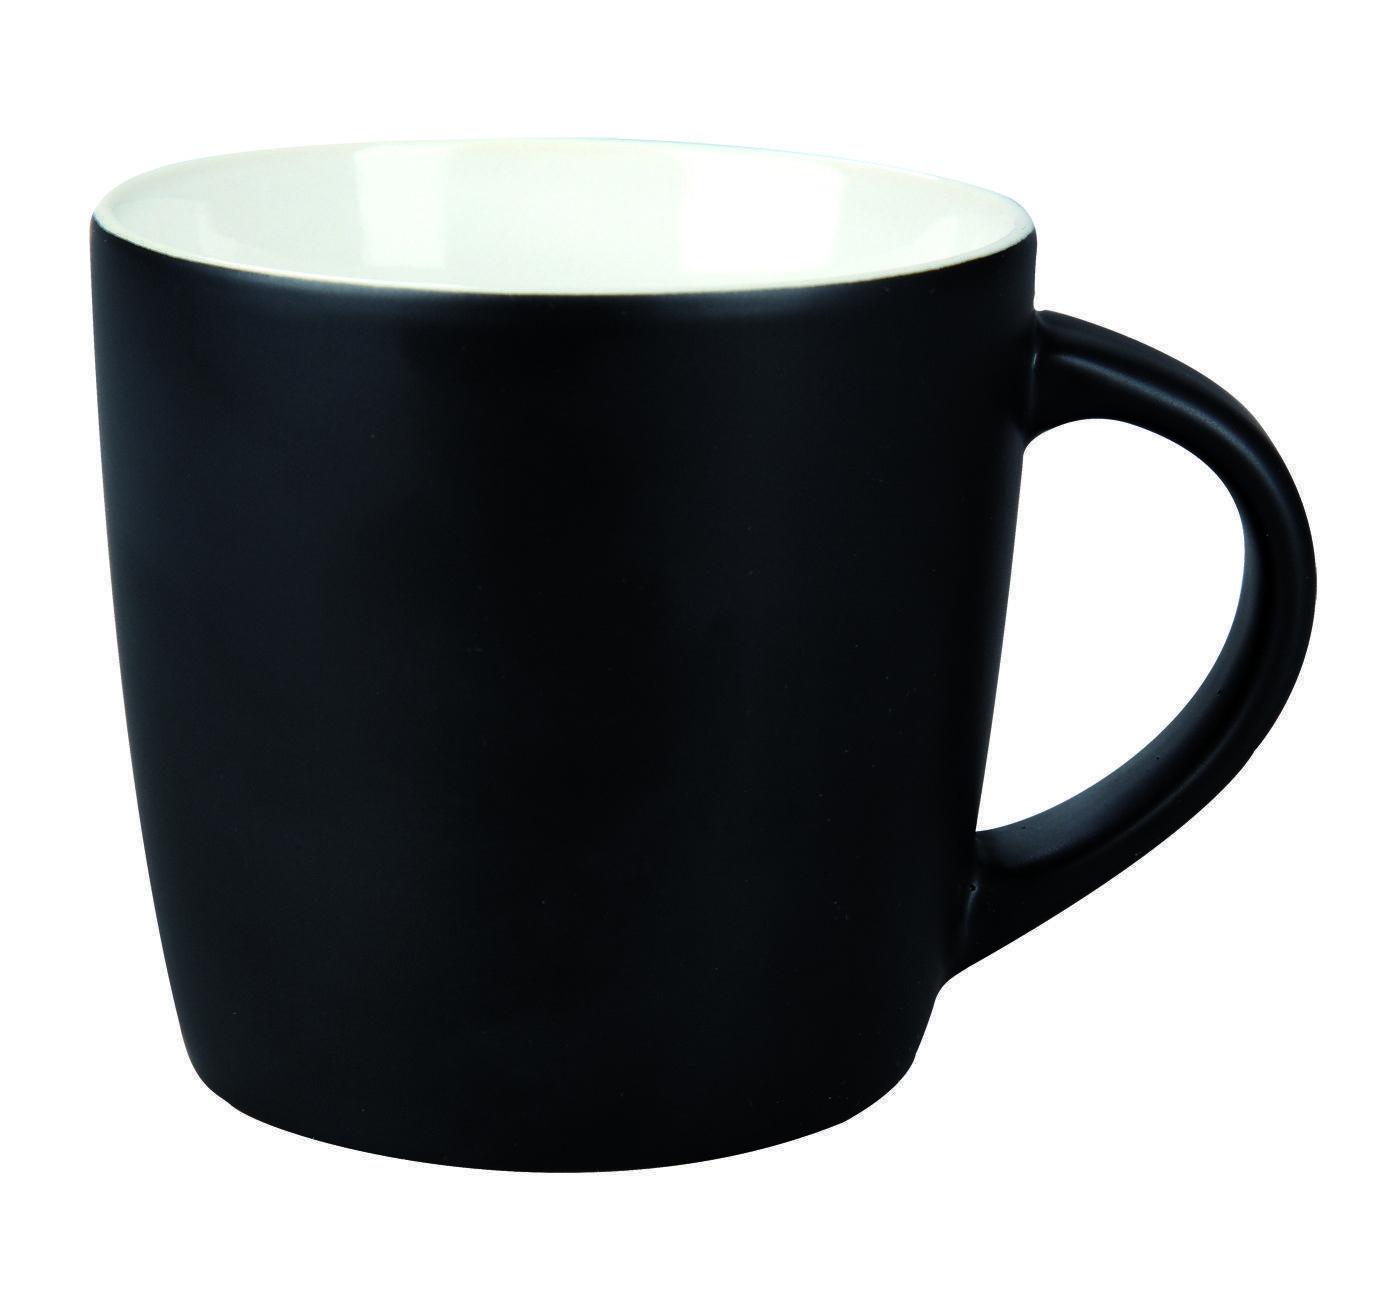 Handy Supreme Tasse 300 ml bedrucken (Werbeartikel) ab 2,67 €